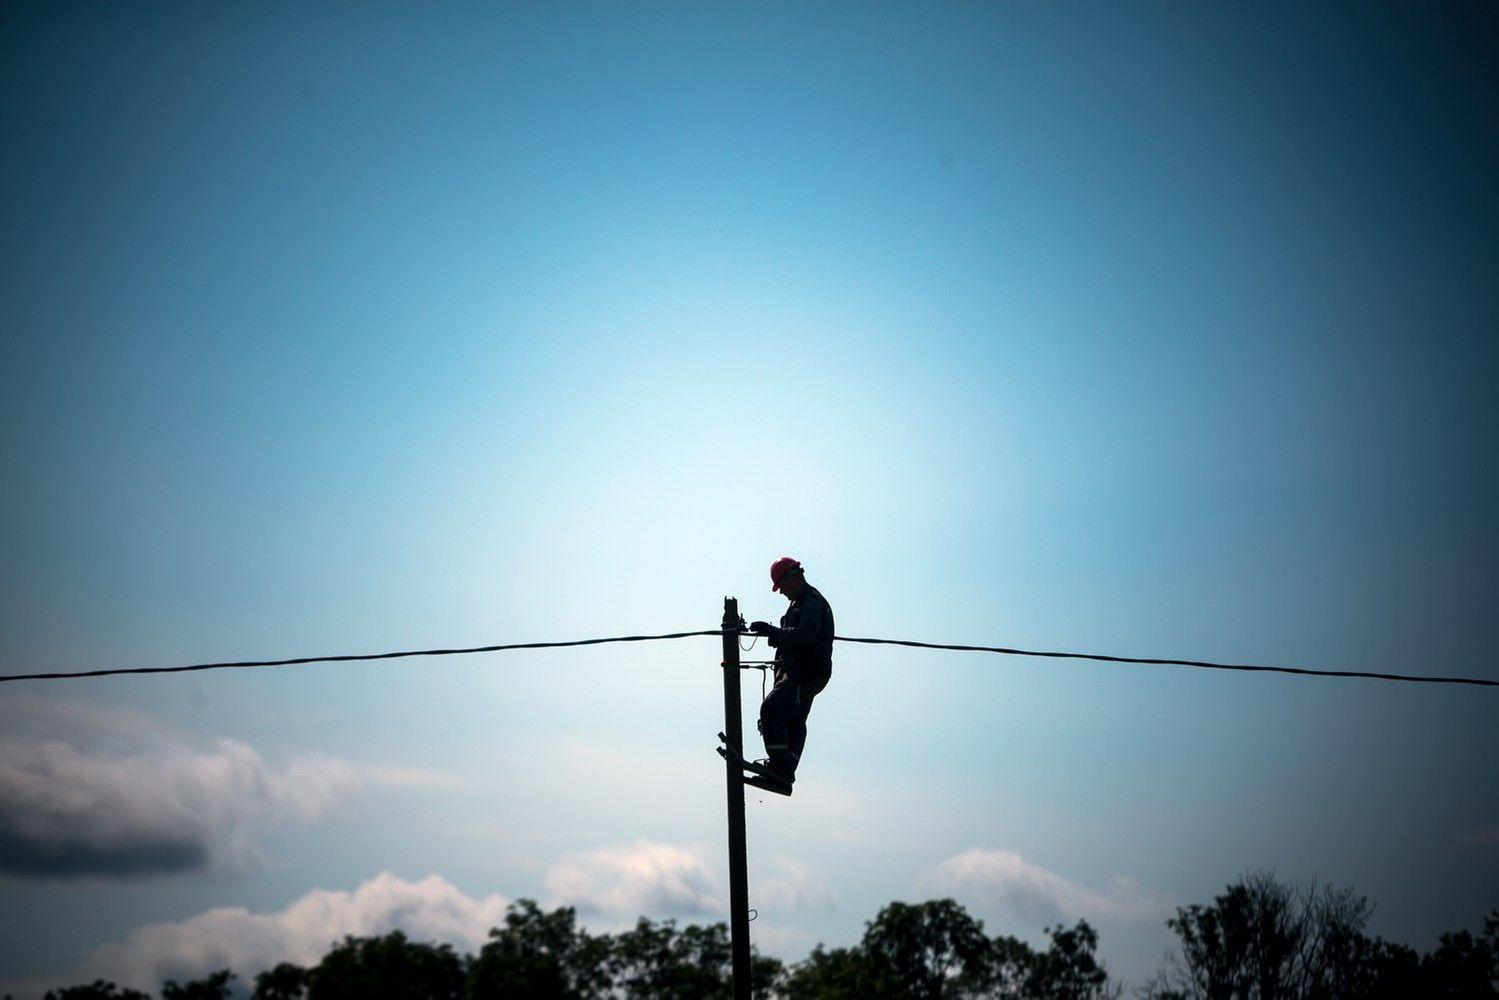 Mažesnių elektros kainų ieškančios įmonės gali pasirinkti kitą tiekėją